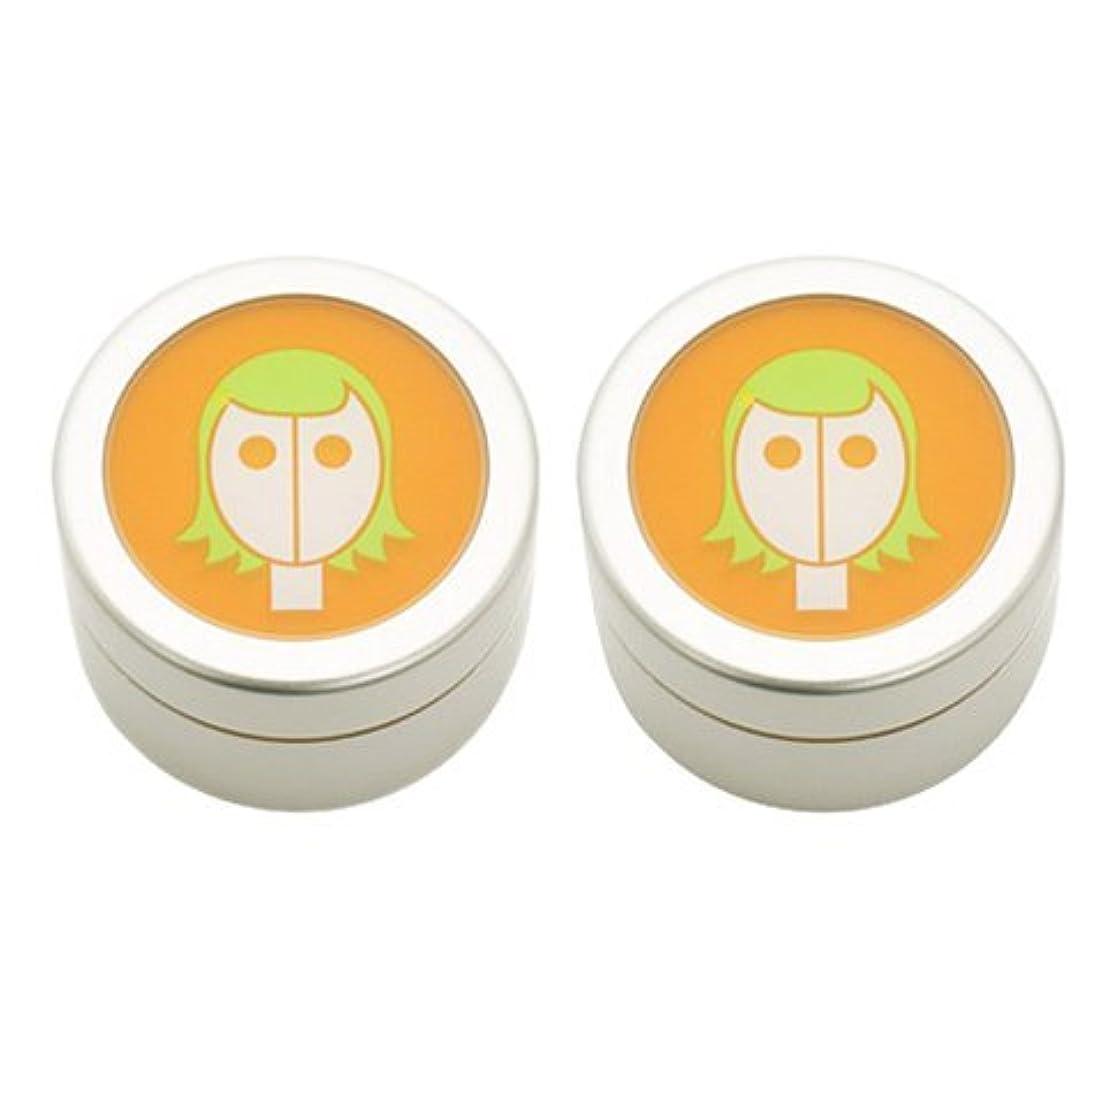 復活するバター酸化するアリミノ スパイスシスターズ ソフトワックス 35g【2個セット】